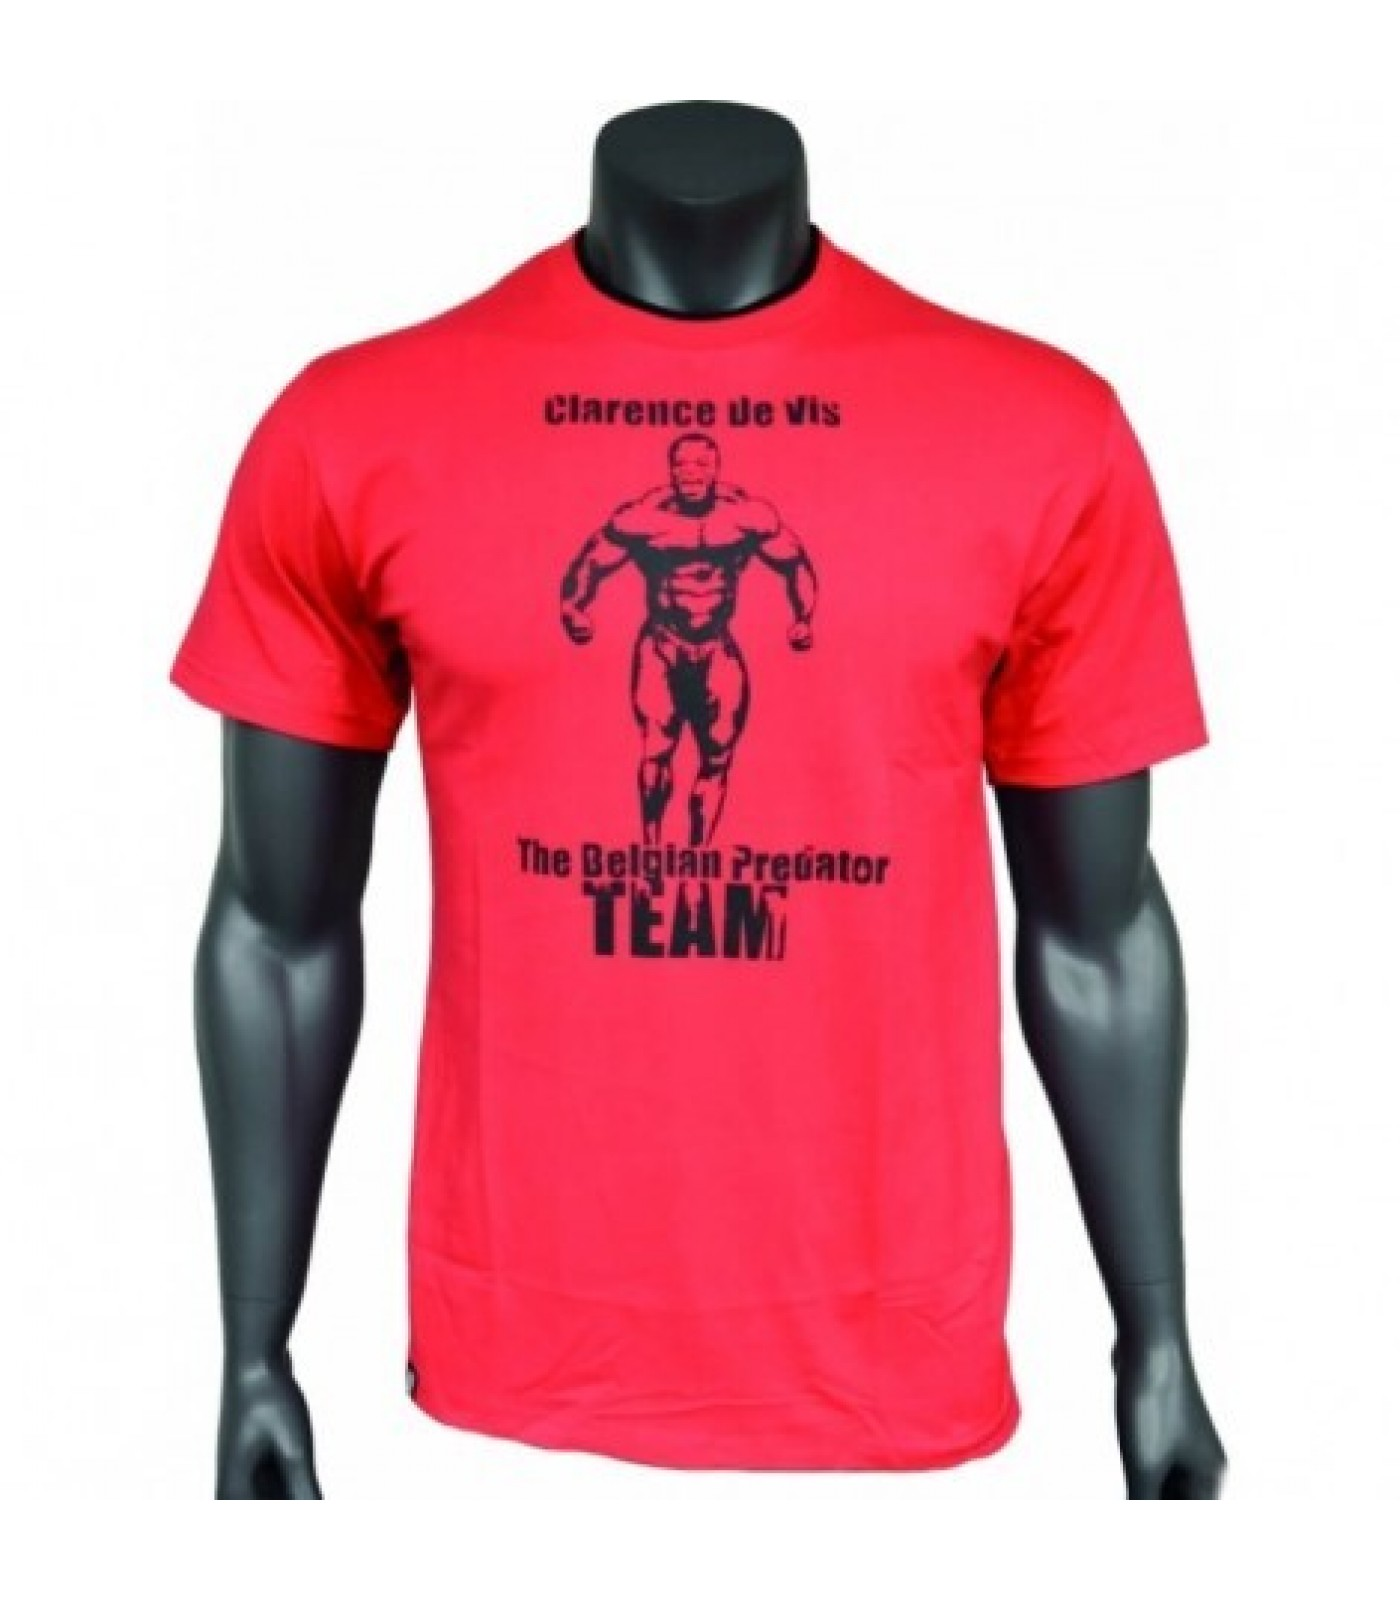 BAD ASS - BAD ASS / T-Shirt Clarence De Vis